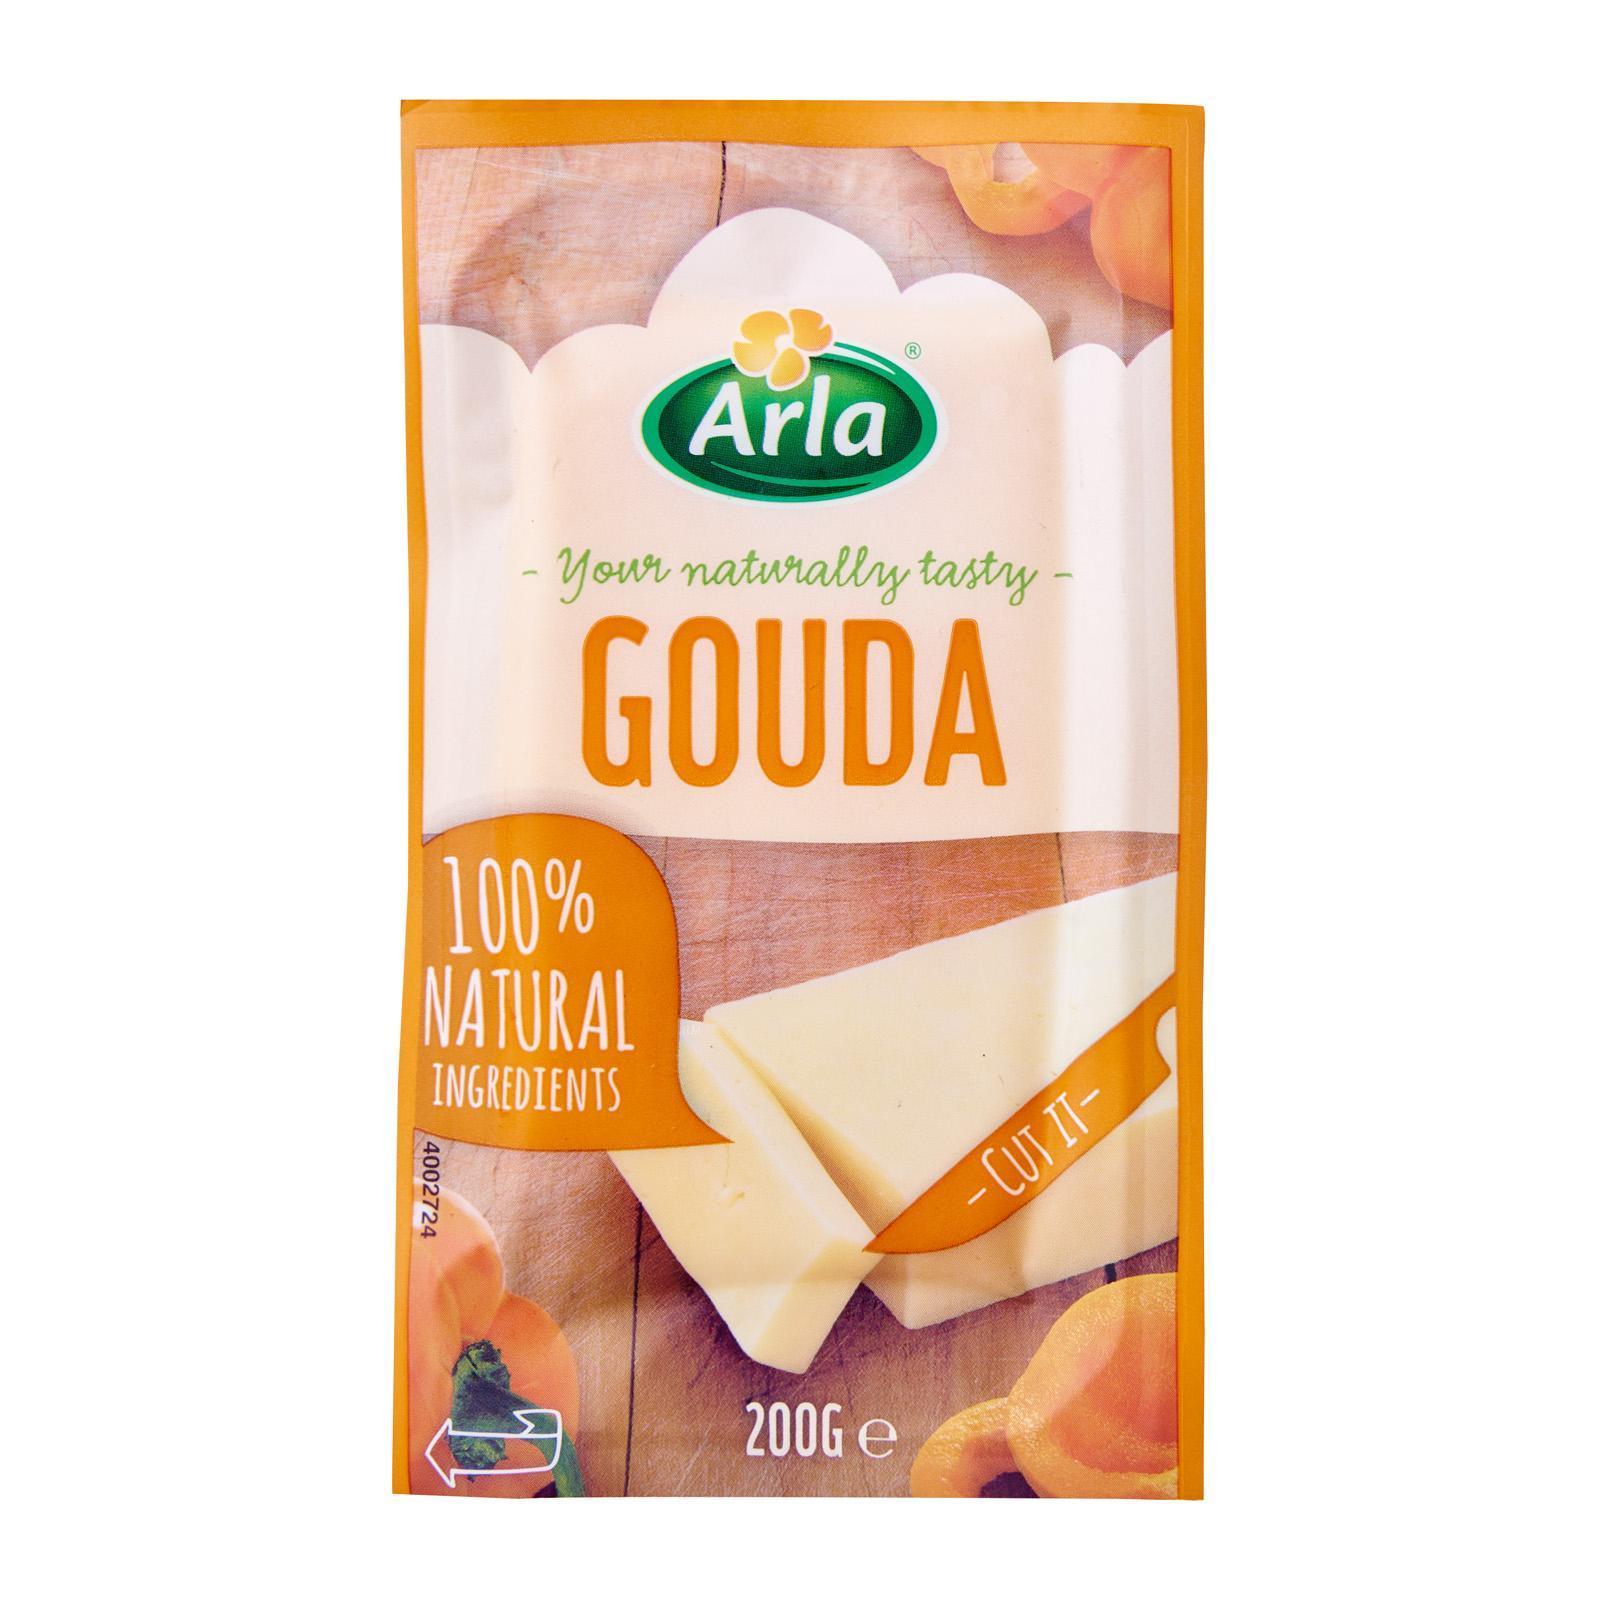 MAINLAND Gouda Block Cheese 250g